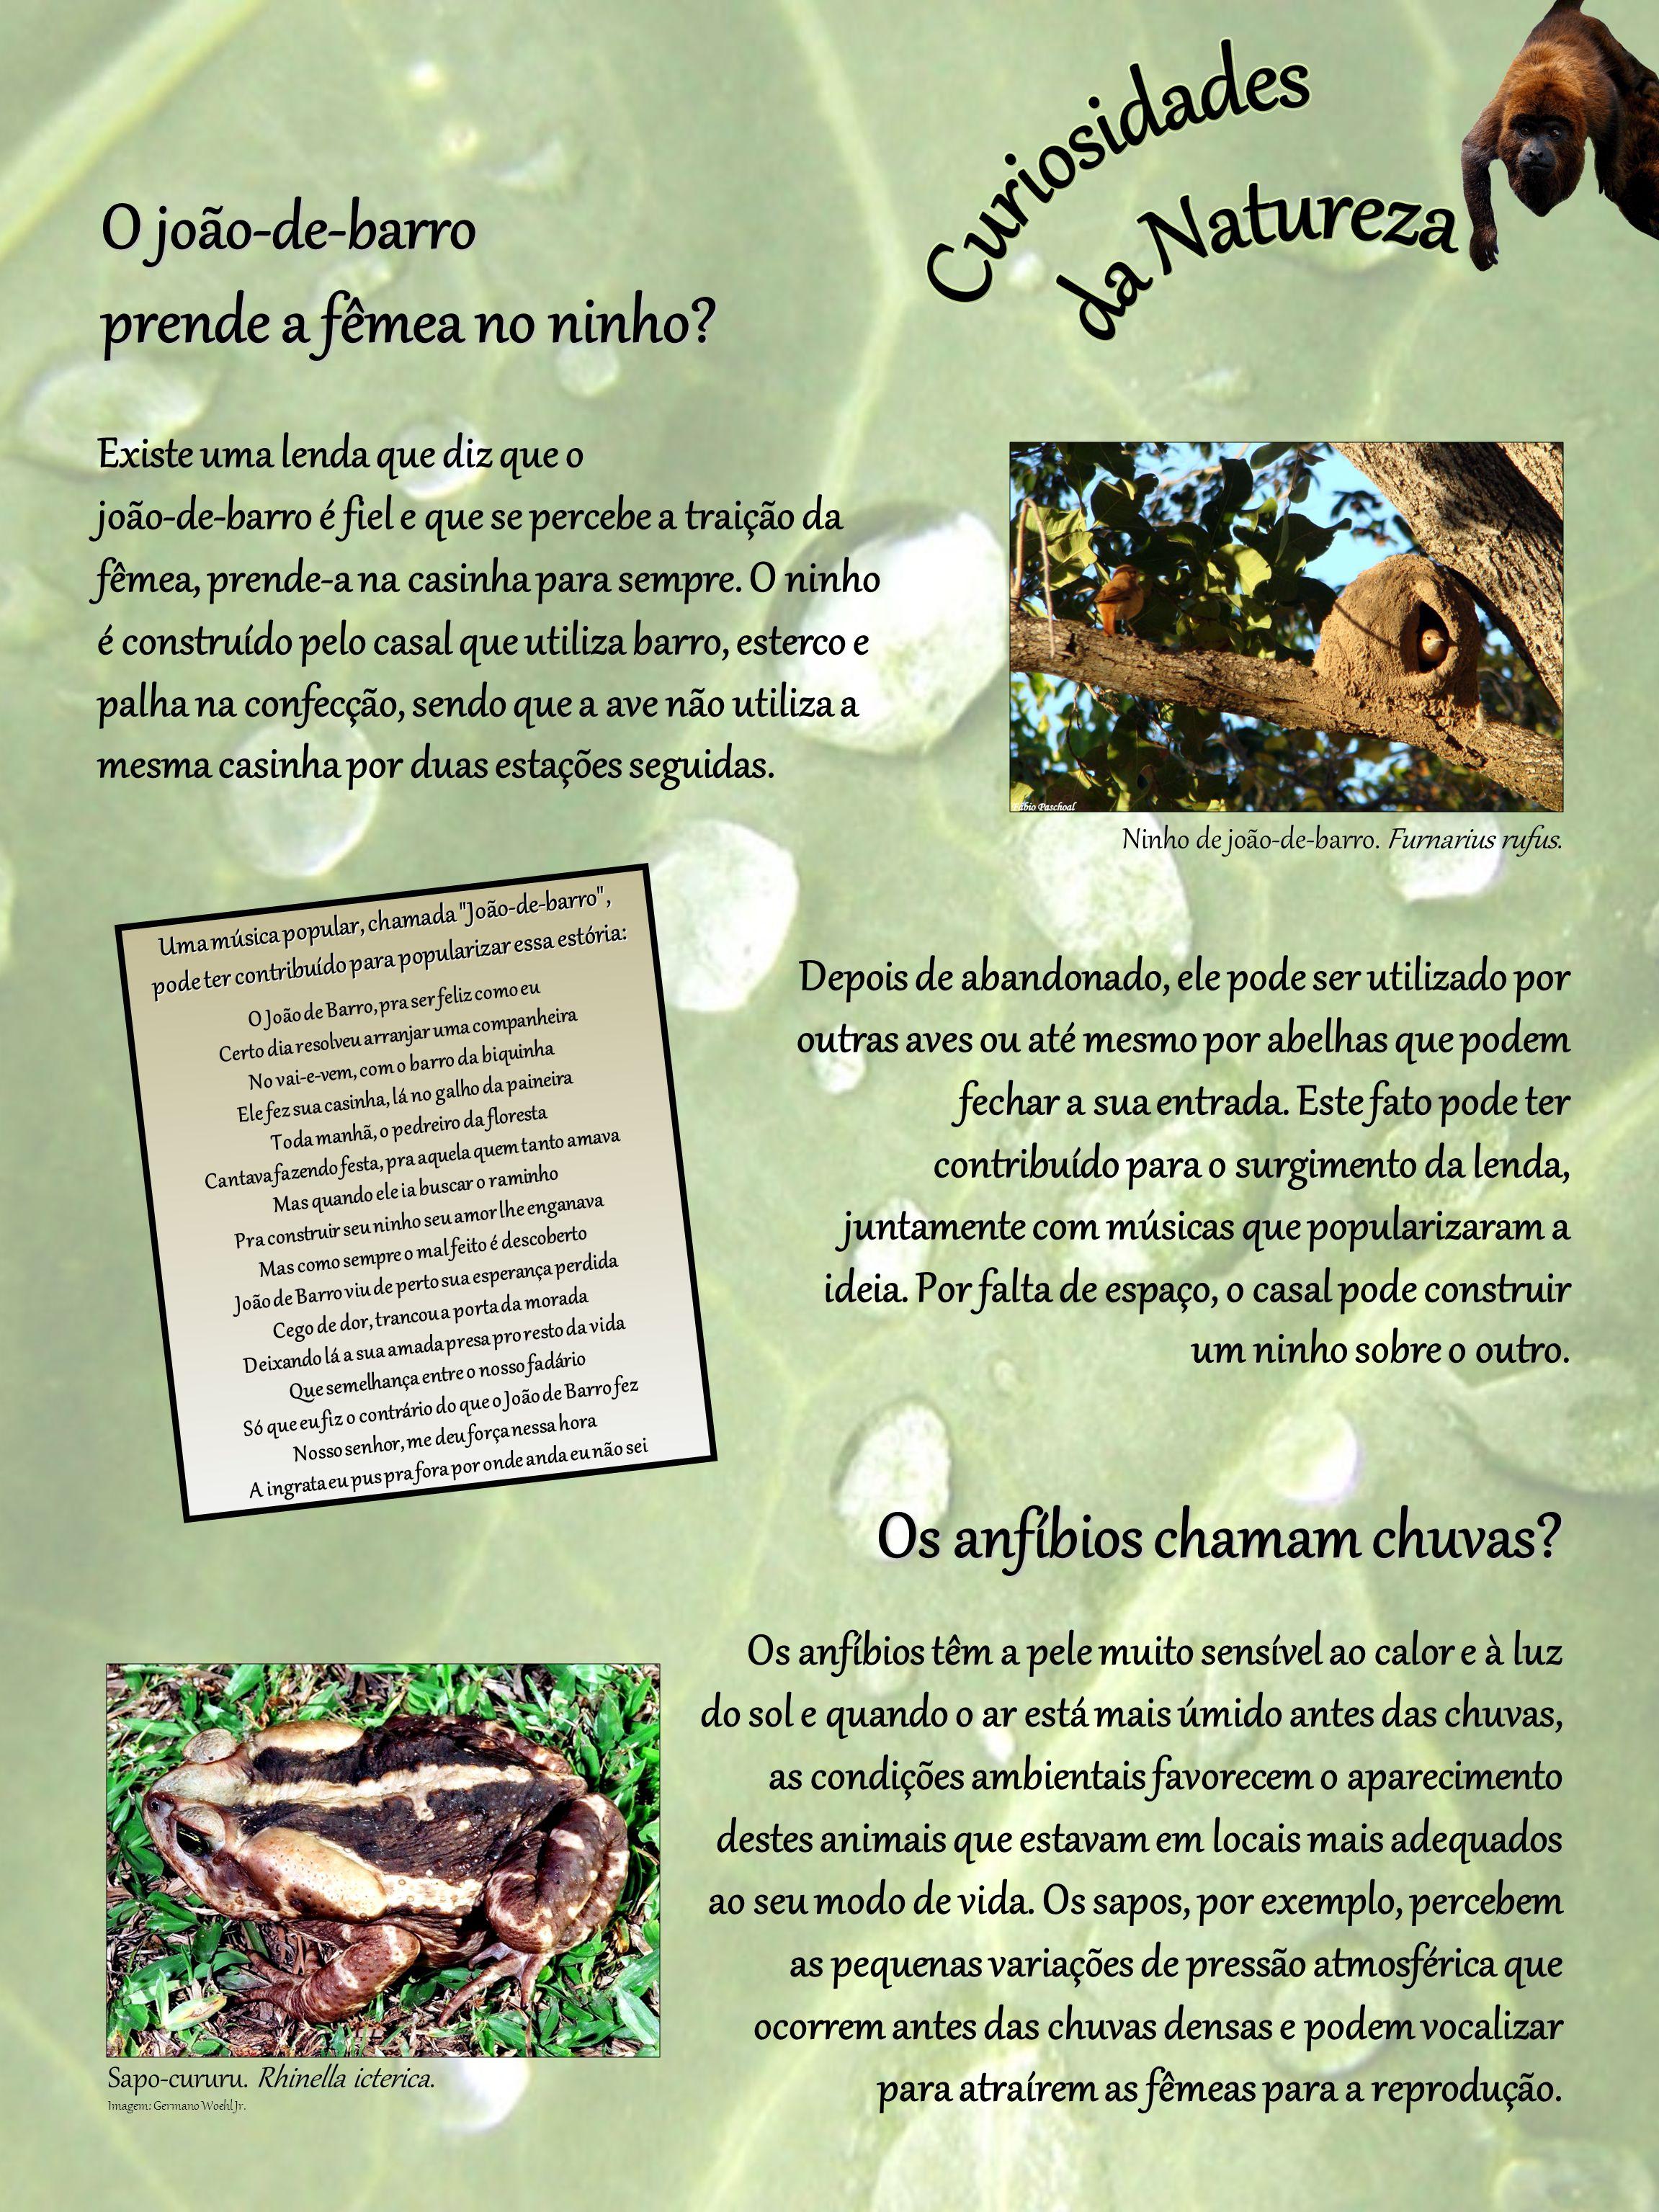 O joão-de-barro prende a fêmea no ninho? Depois de abandonado, ele pode ser utilizado por outras aves ou até mesmo por abelhas que podem fechar a sua